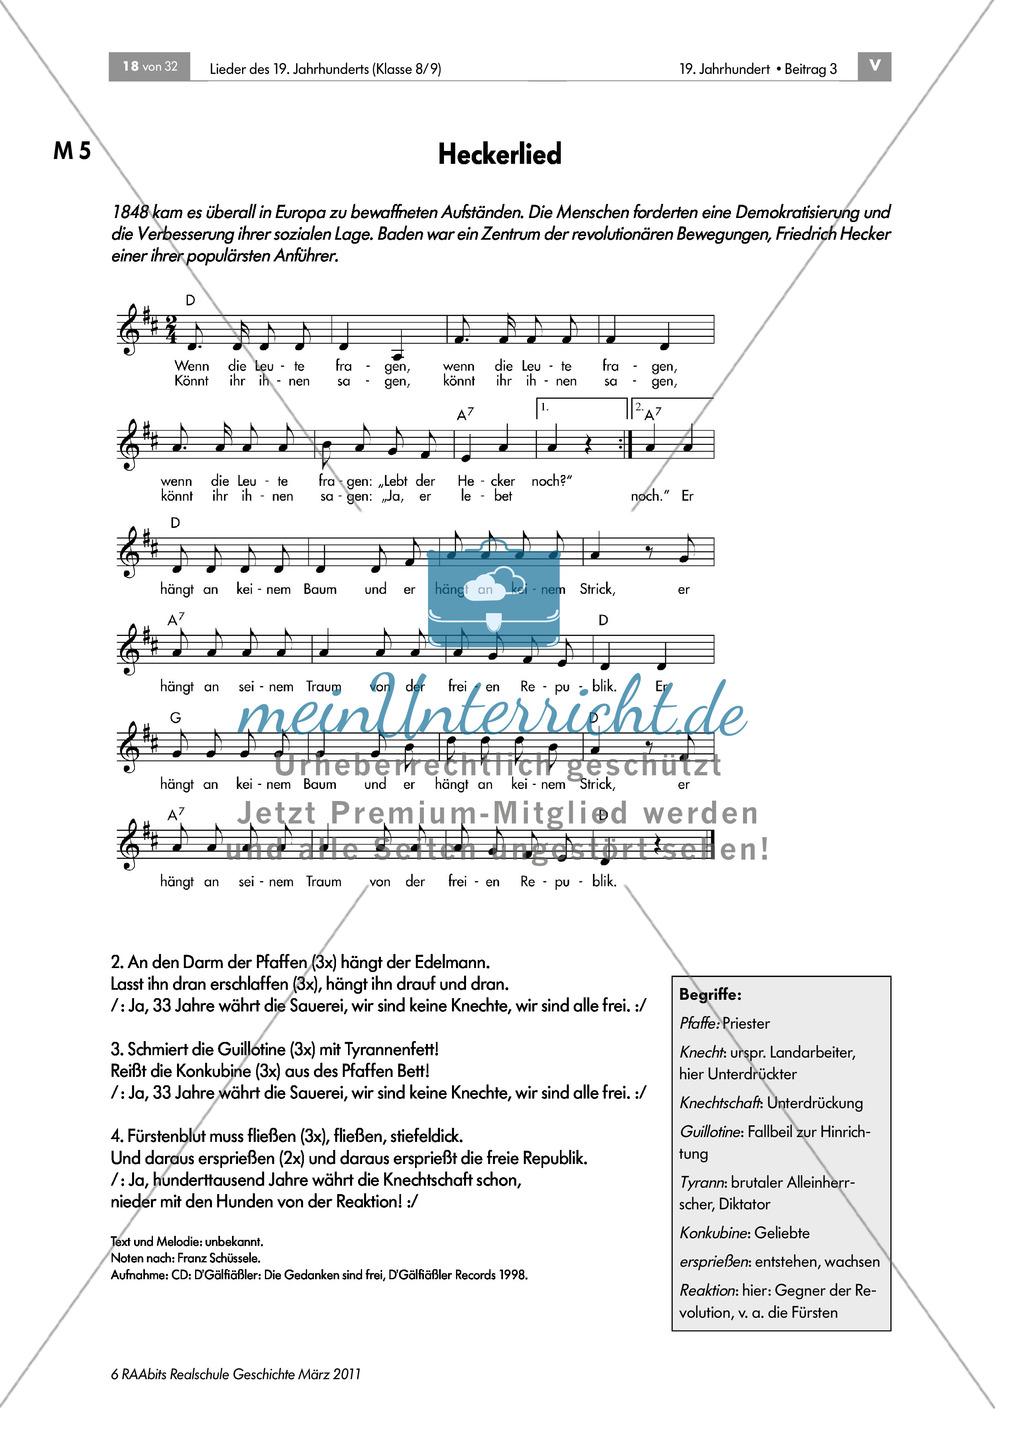 Lieder des 19. Jahrhunderts: Revolutionslied von 1848/49: